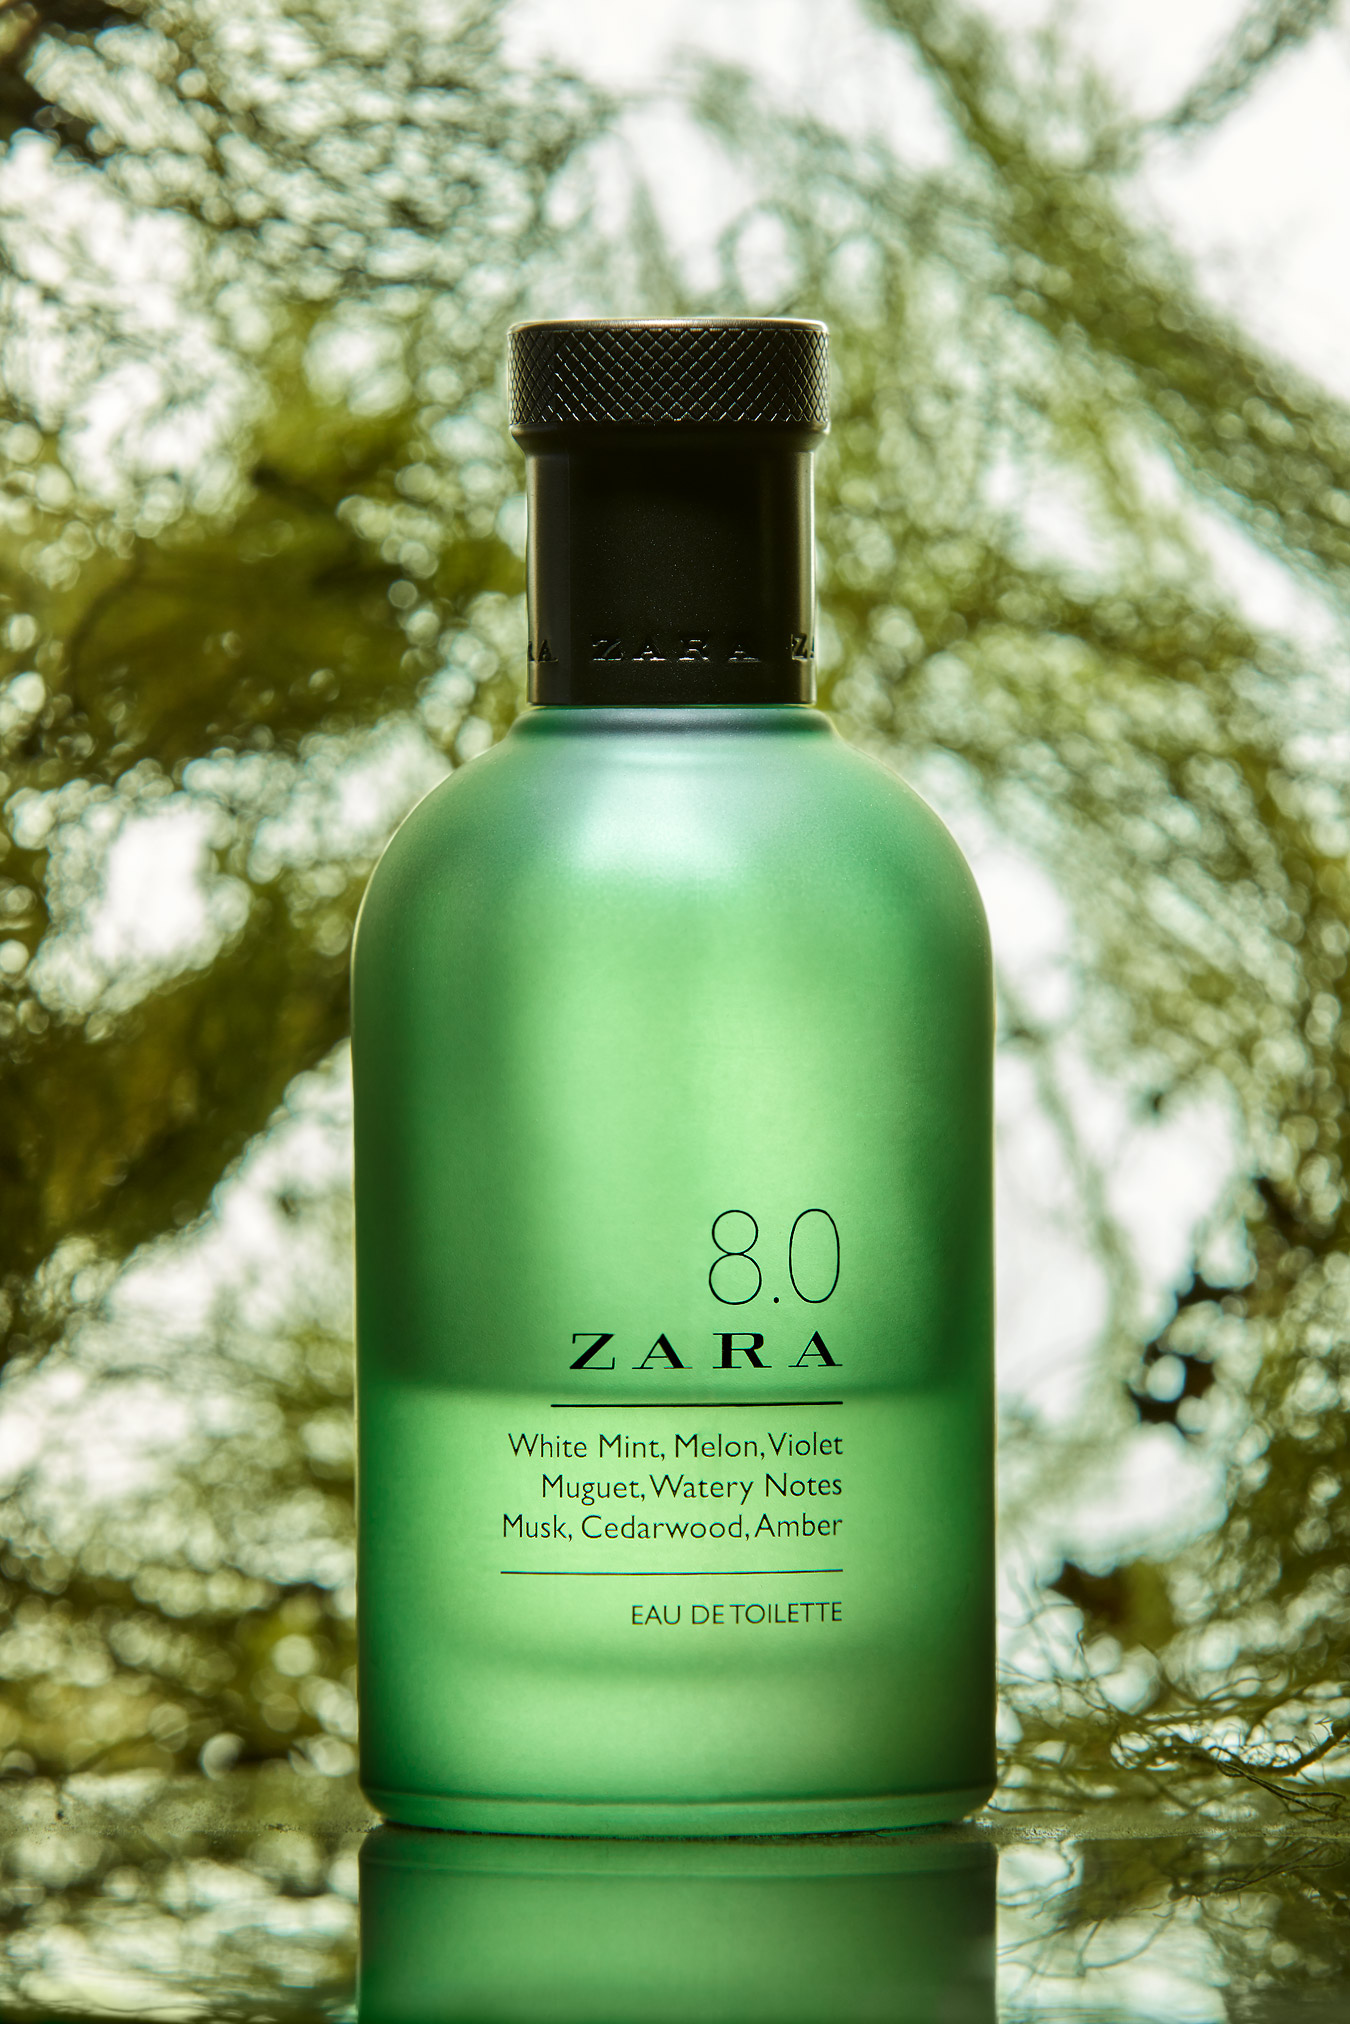 Zara-8.0